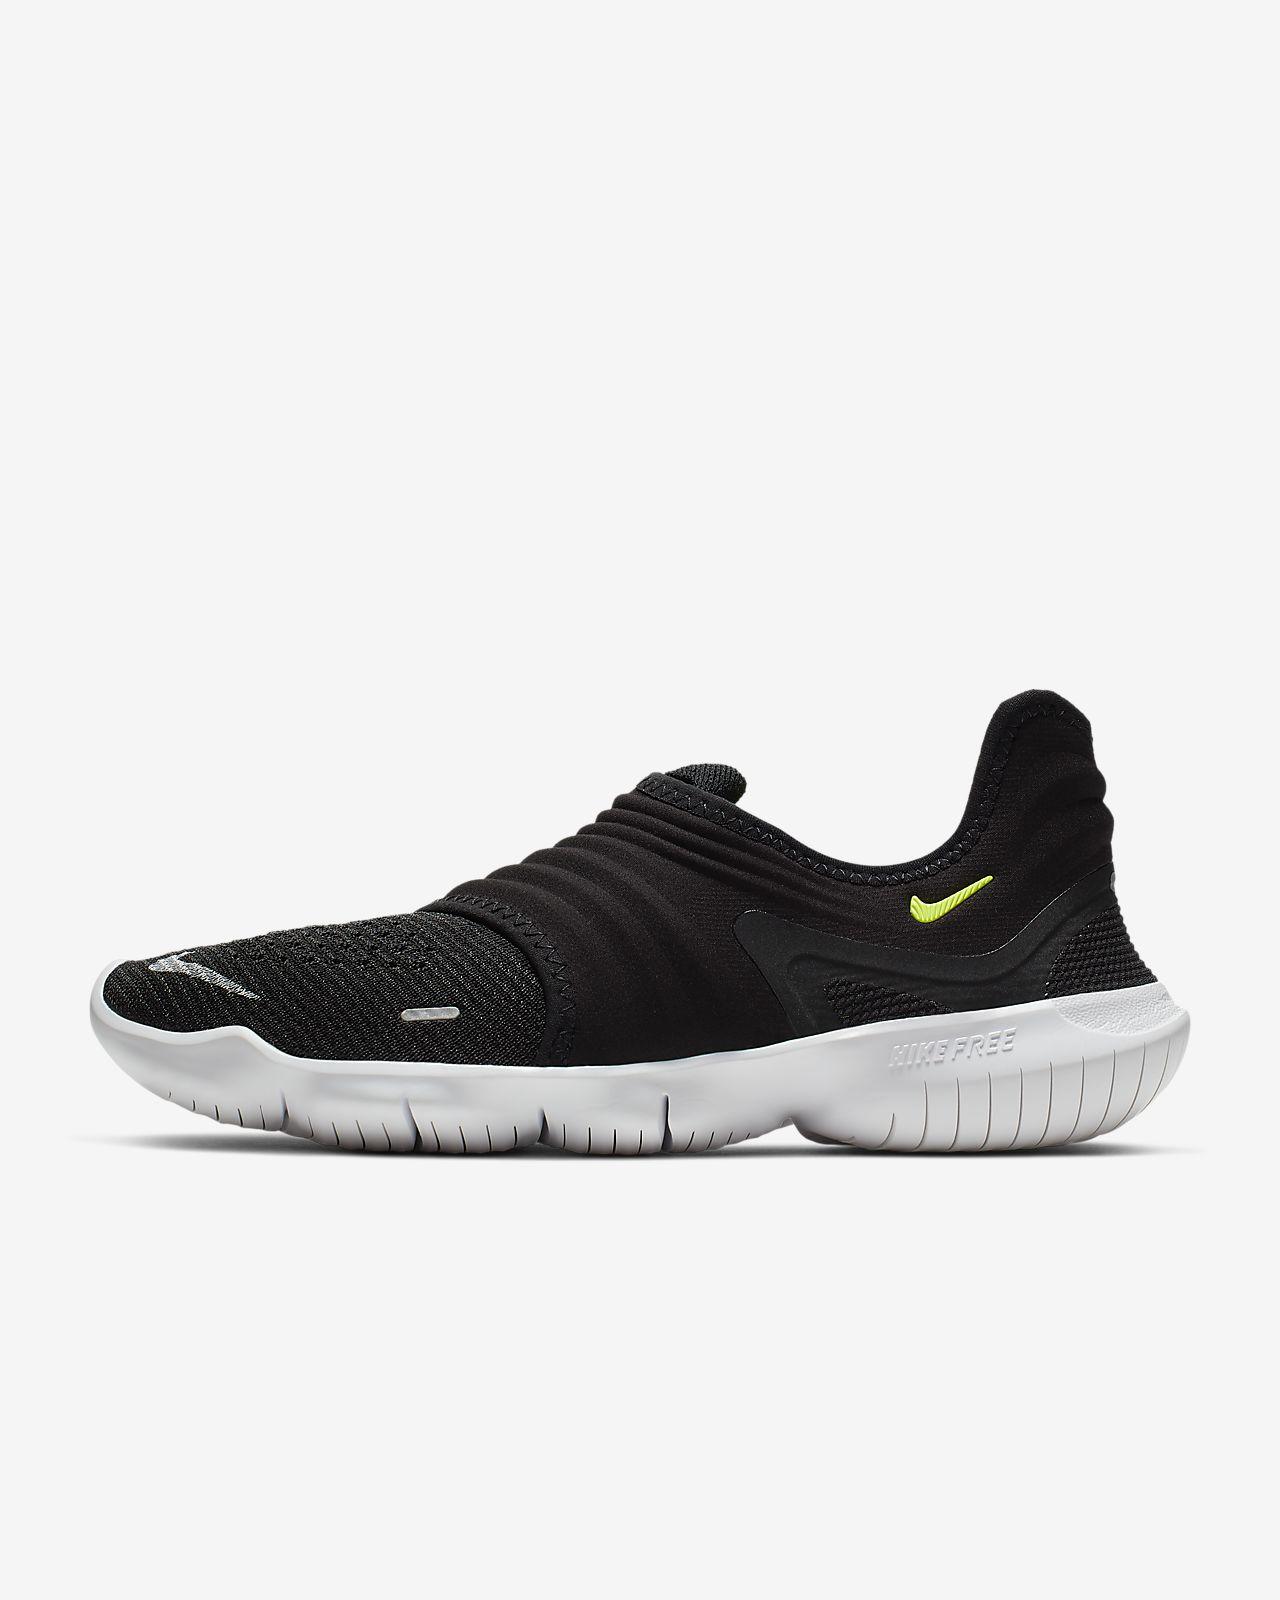 última selección zapatos de separación precio competitivo Nike Free RN Flyknit 3.0 Women's Running Shoe. Nike LU